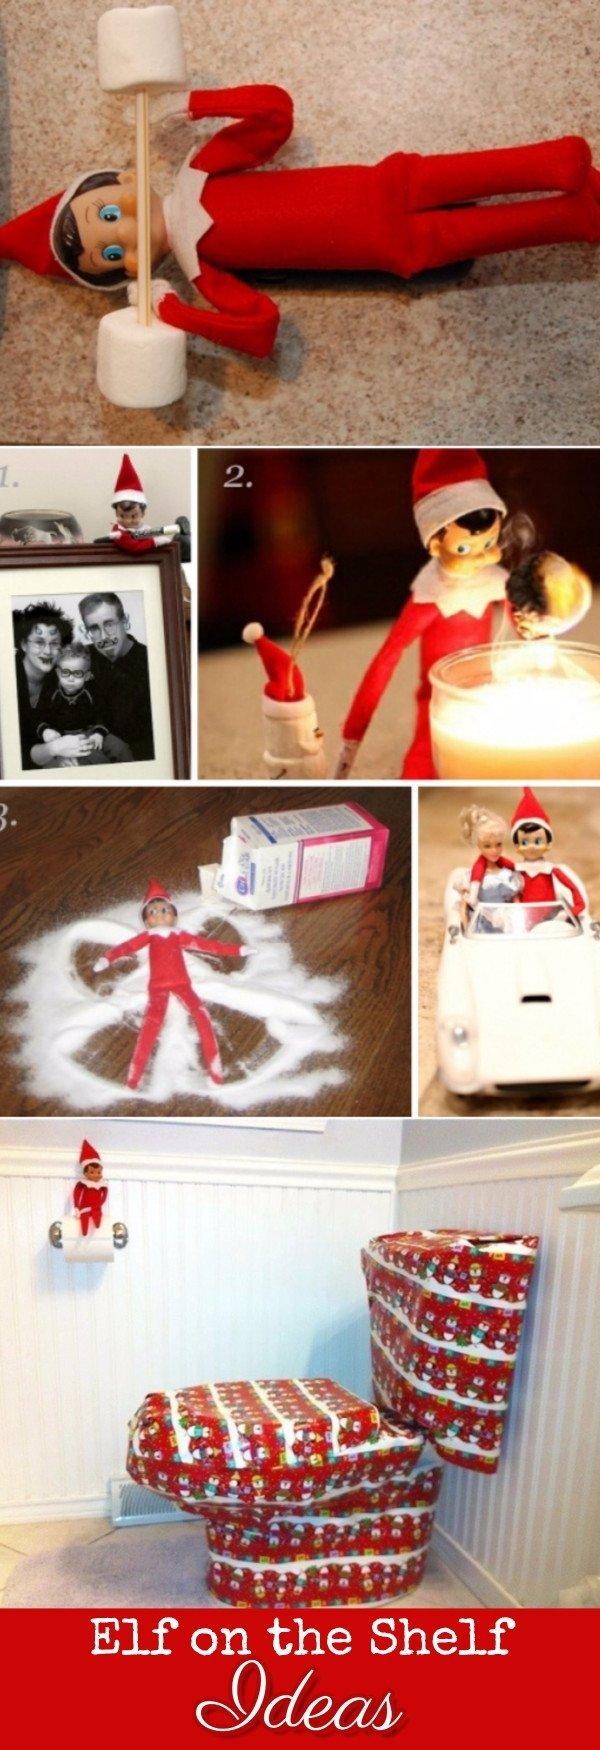 10 elf on the shelf ideas for christmas 2017 (crazy elf! such pranks